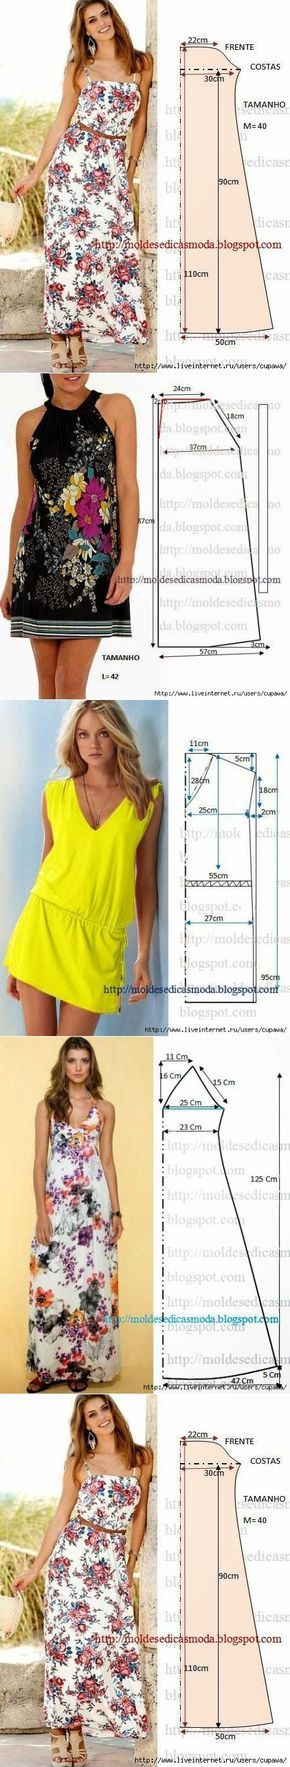 Para aquellos que cose ... patrón de vestido sencillo .....